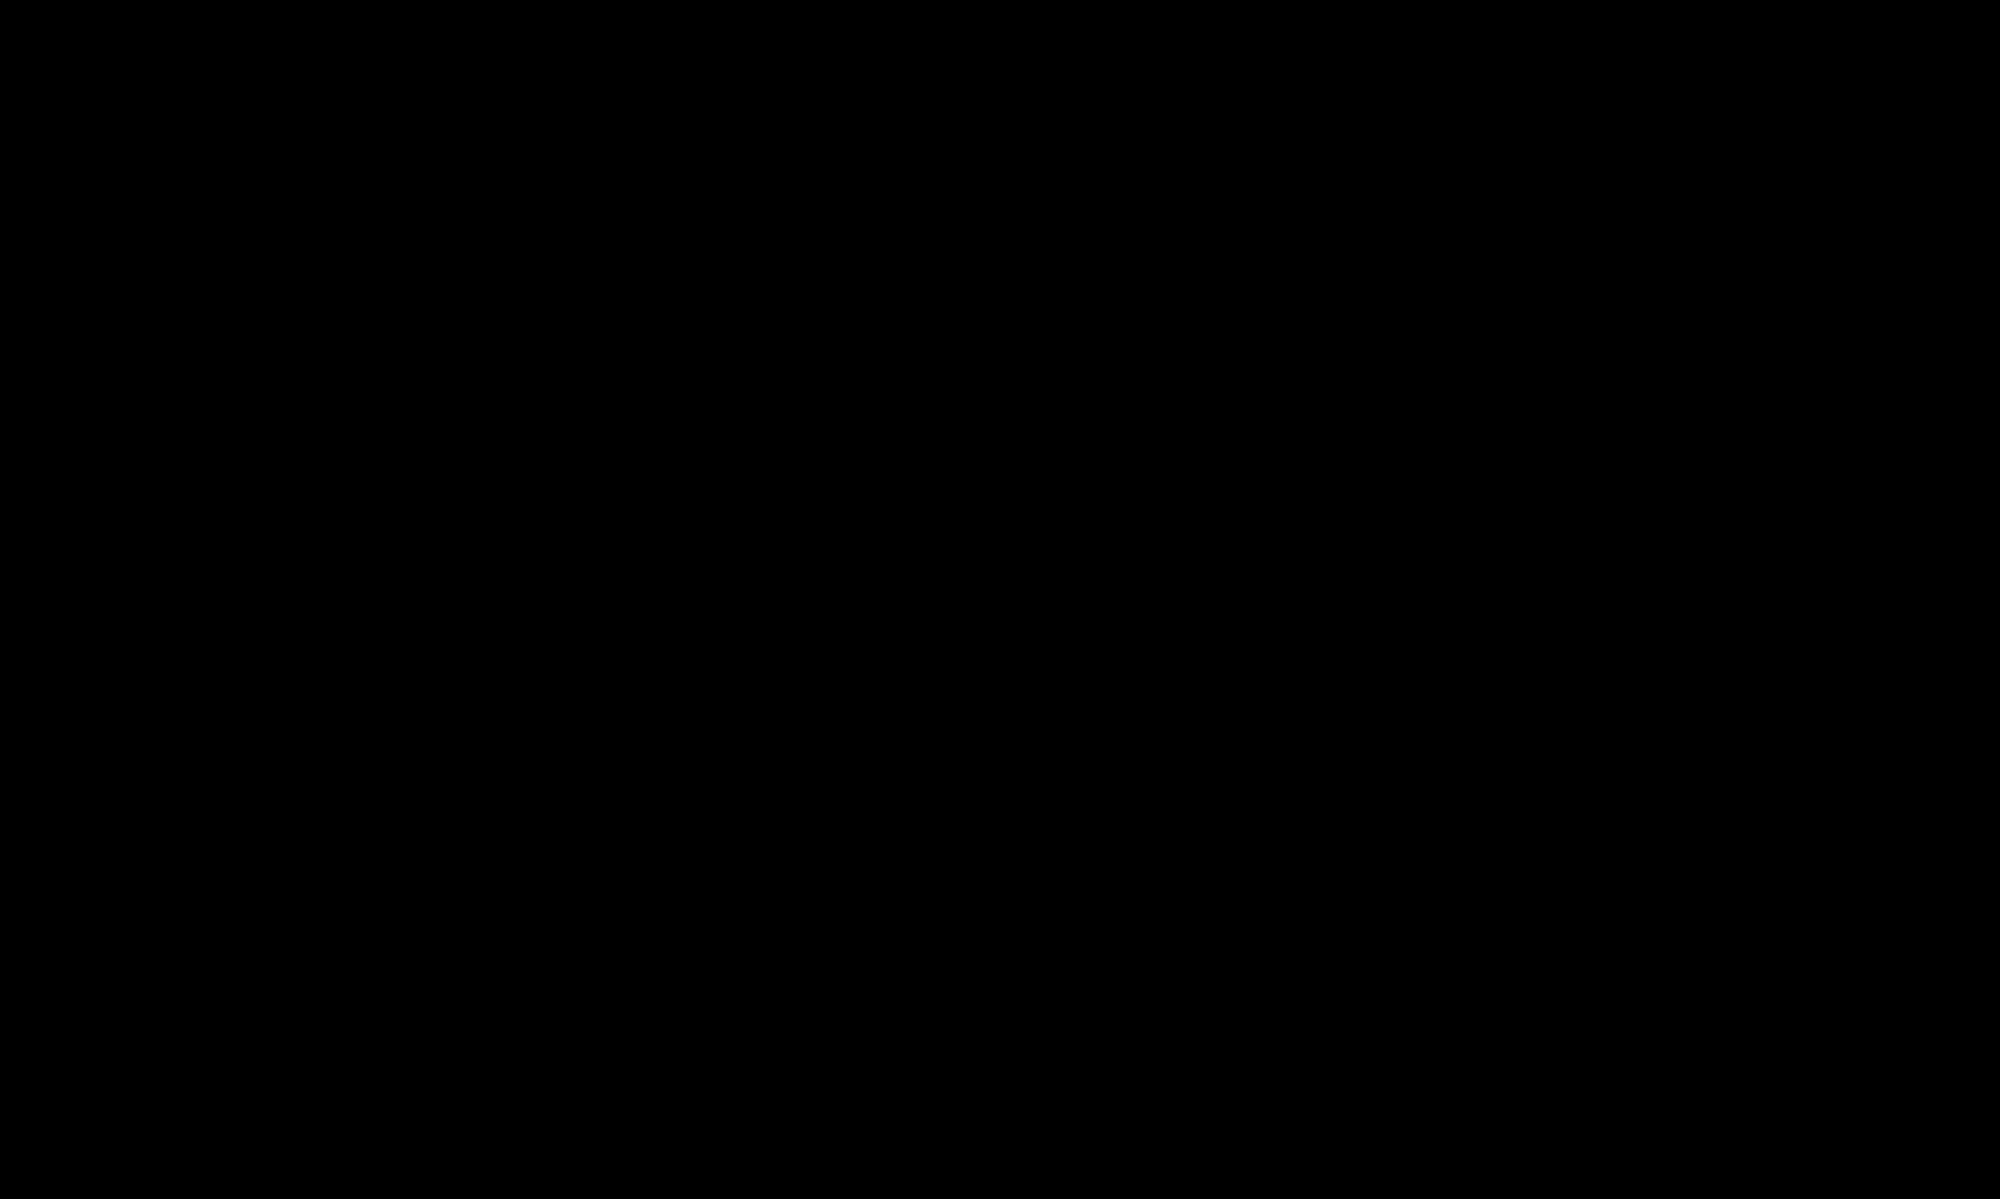 Hello Stoya (dot) com